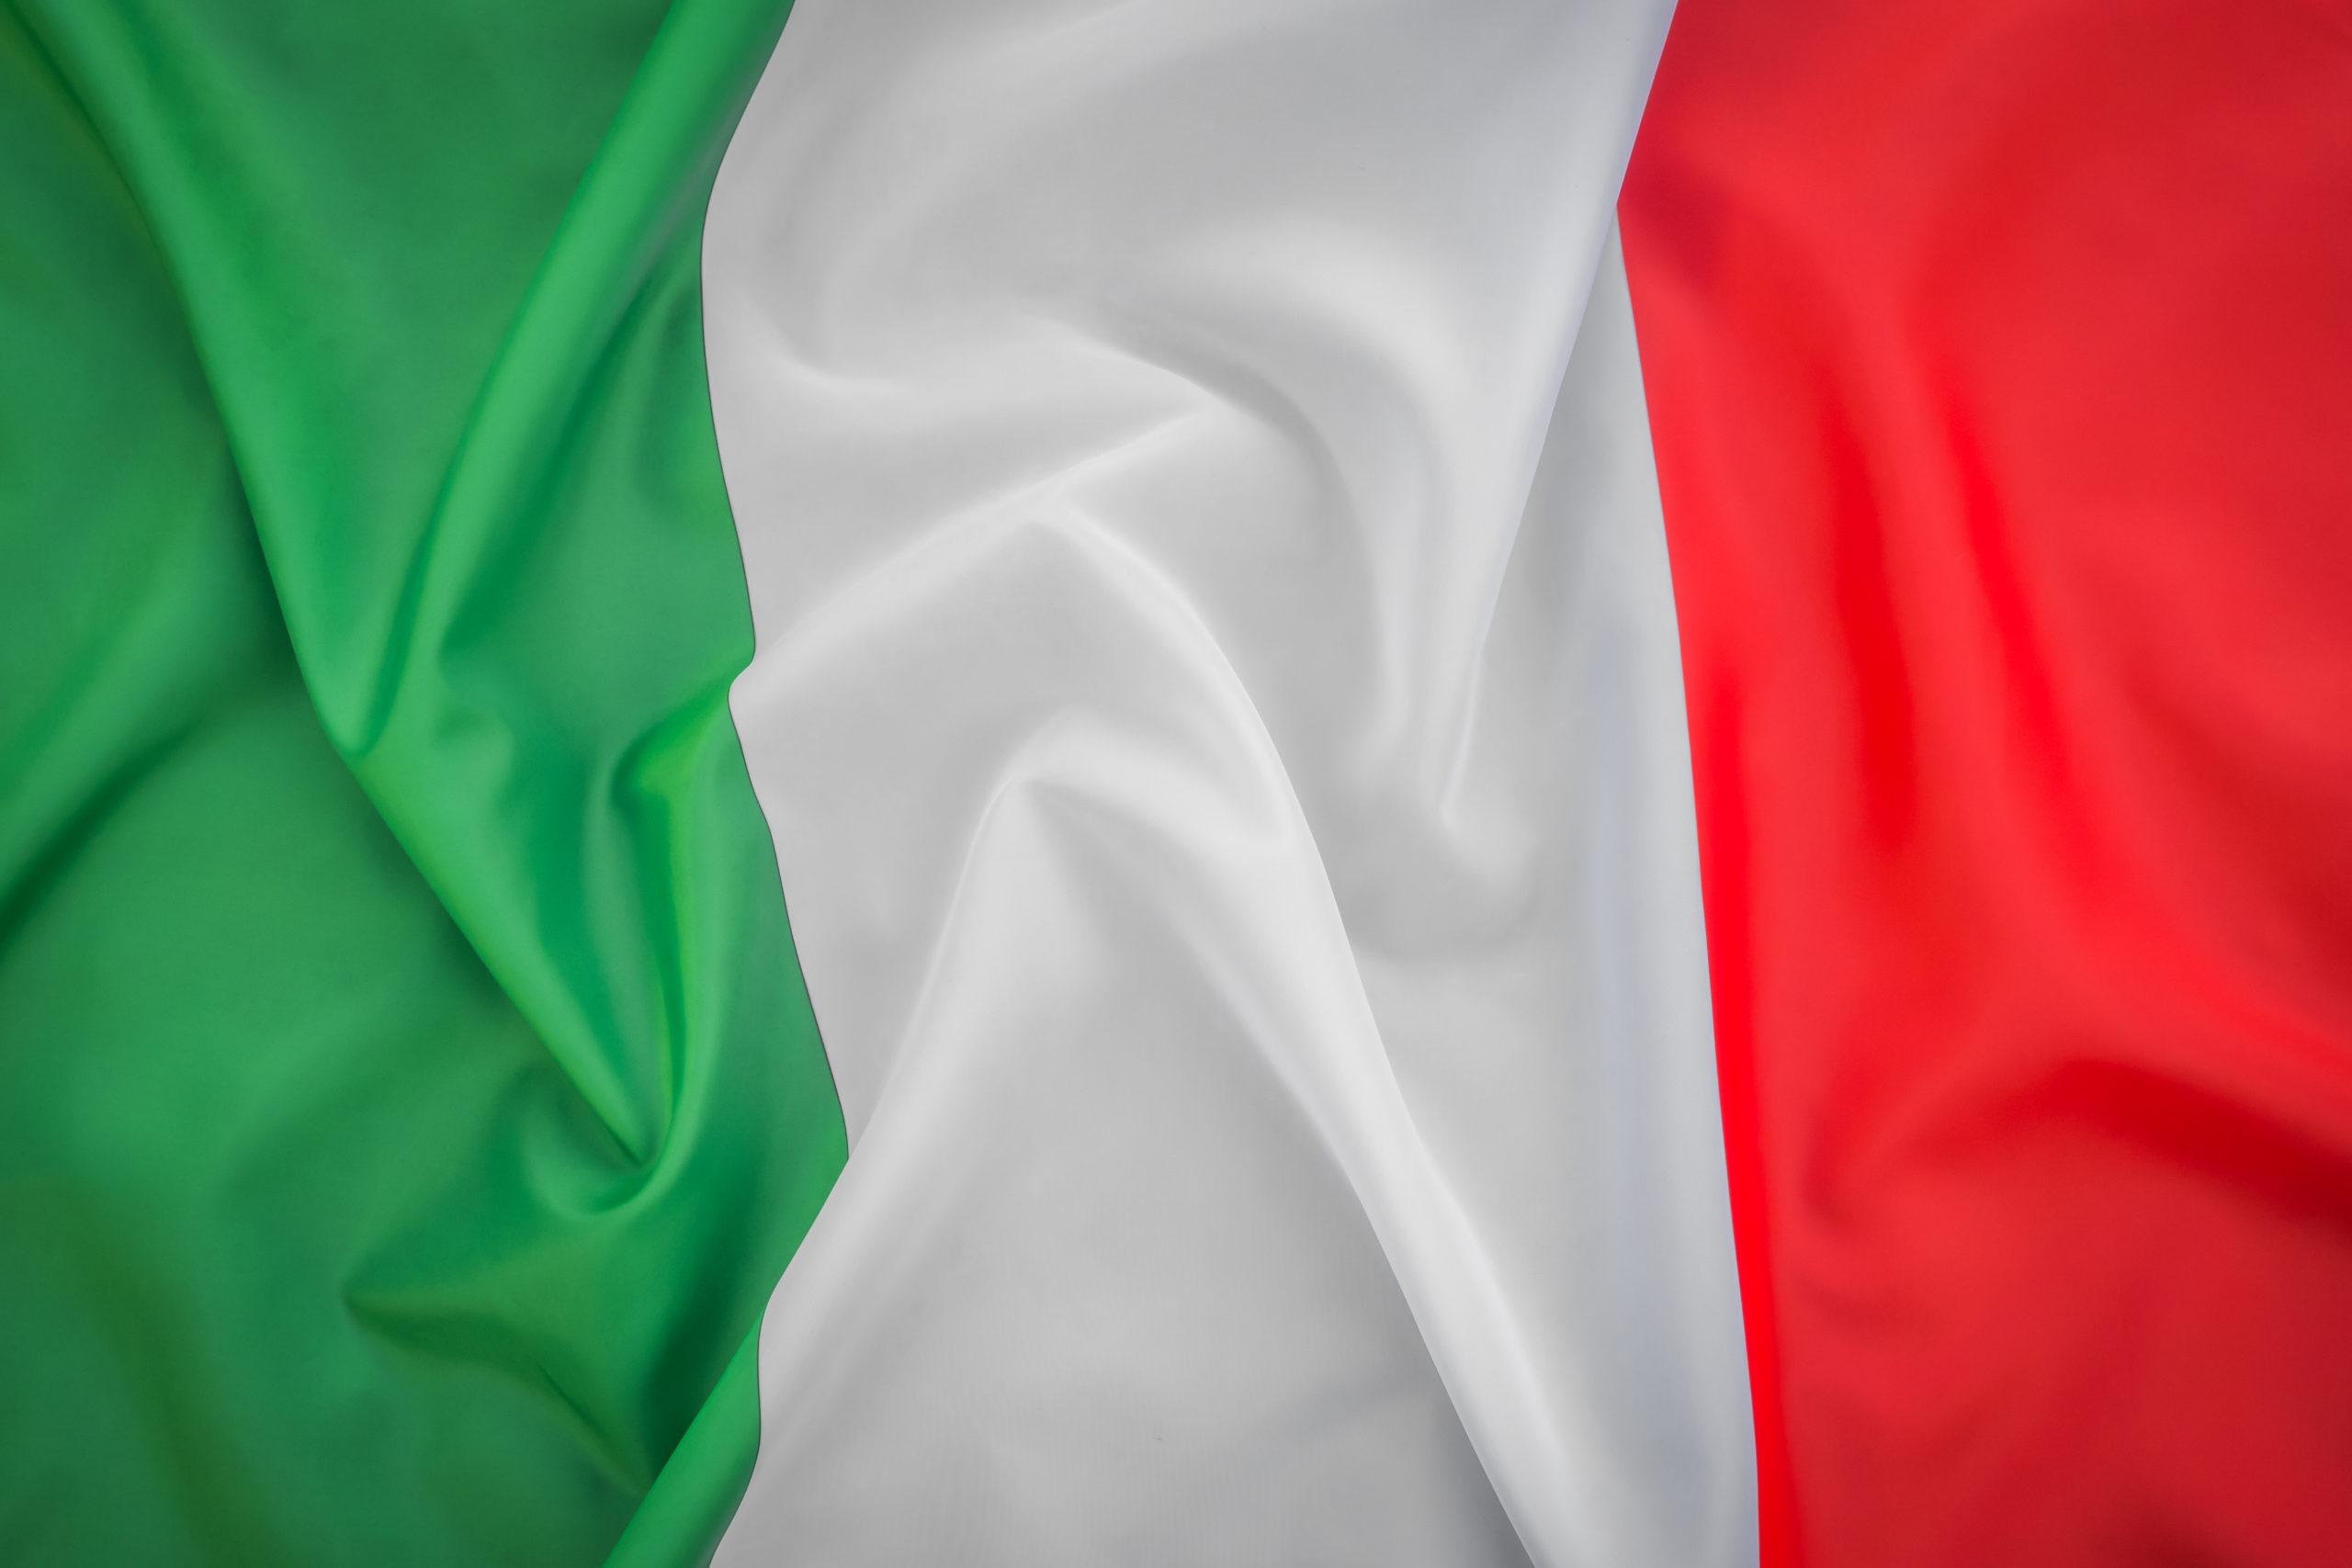 VIDEO – Imagini emoționante! Italia își adună puterile după o lună și jumătate de Coronavirus